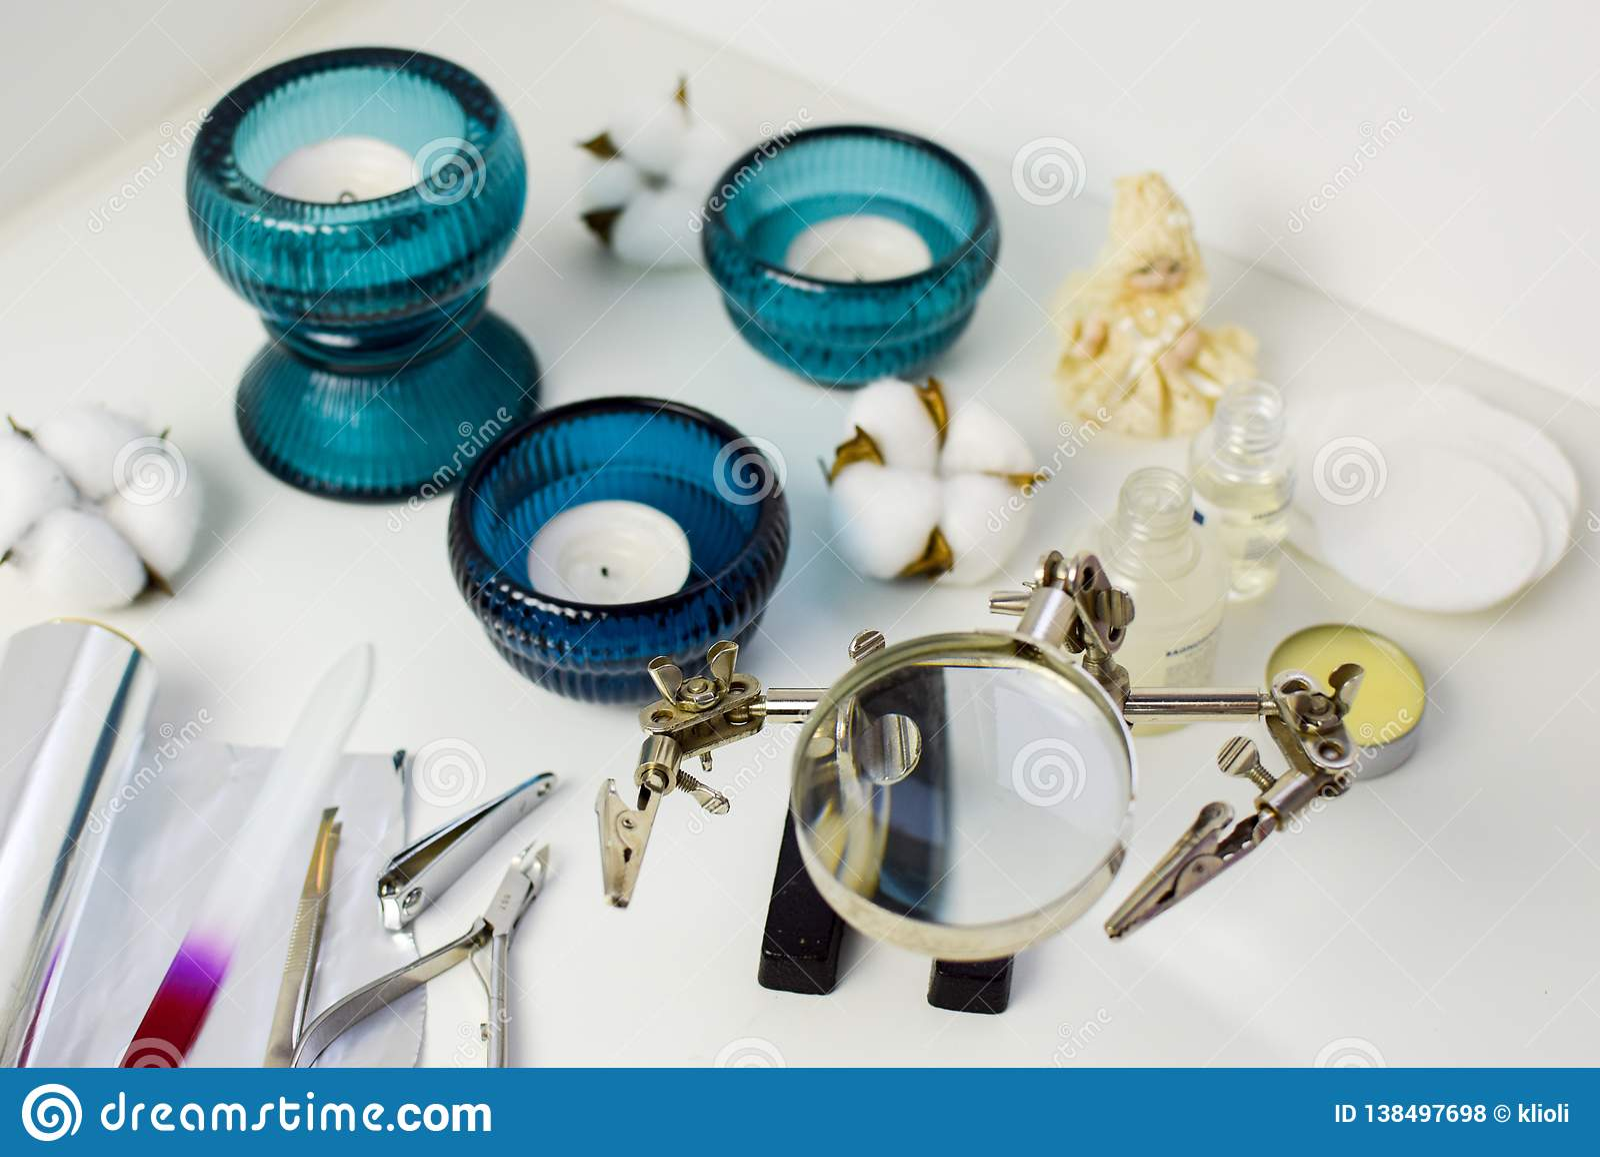 Εργαλεία μανικιούρ, κεριά στα τυρκουάζ κηροπήγια, βαμβάκι και κεραμική κούκλα, ασυνήθιστη ενίσχυση - γυαλί